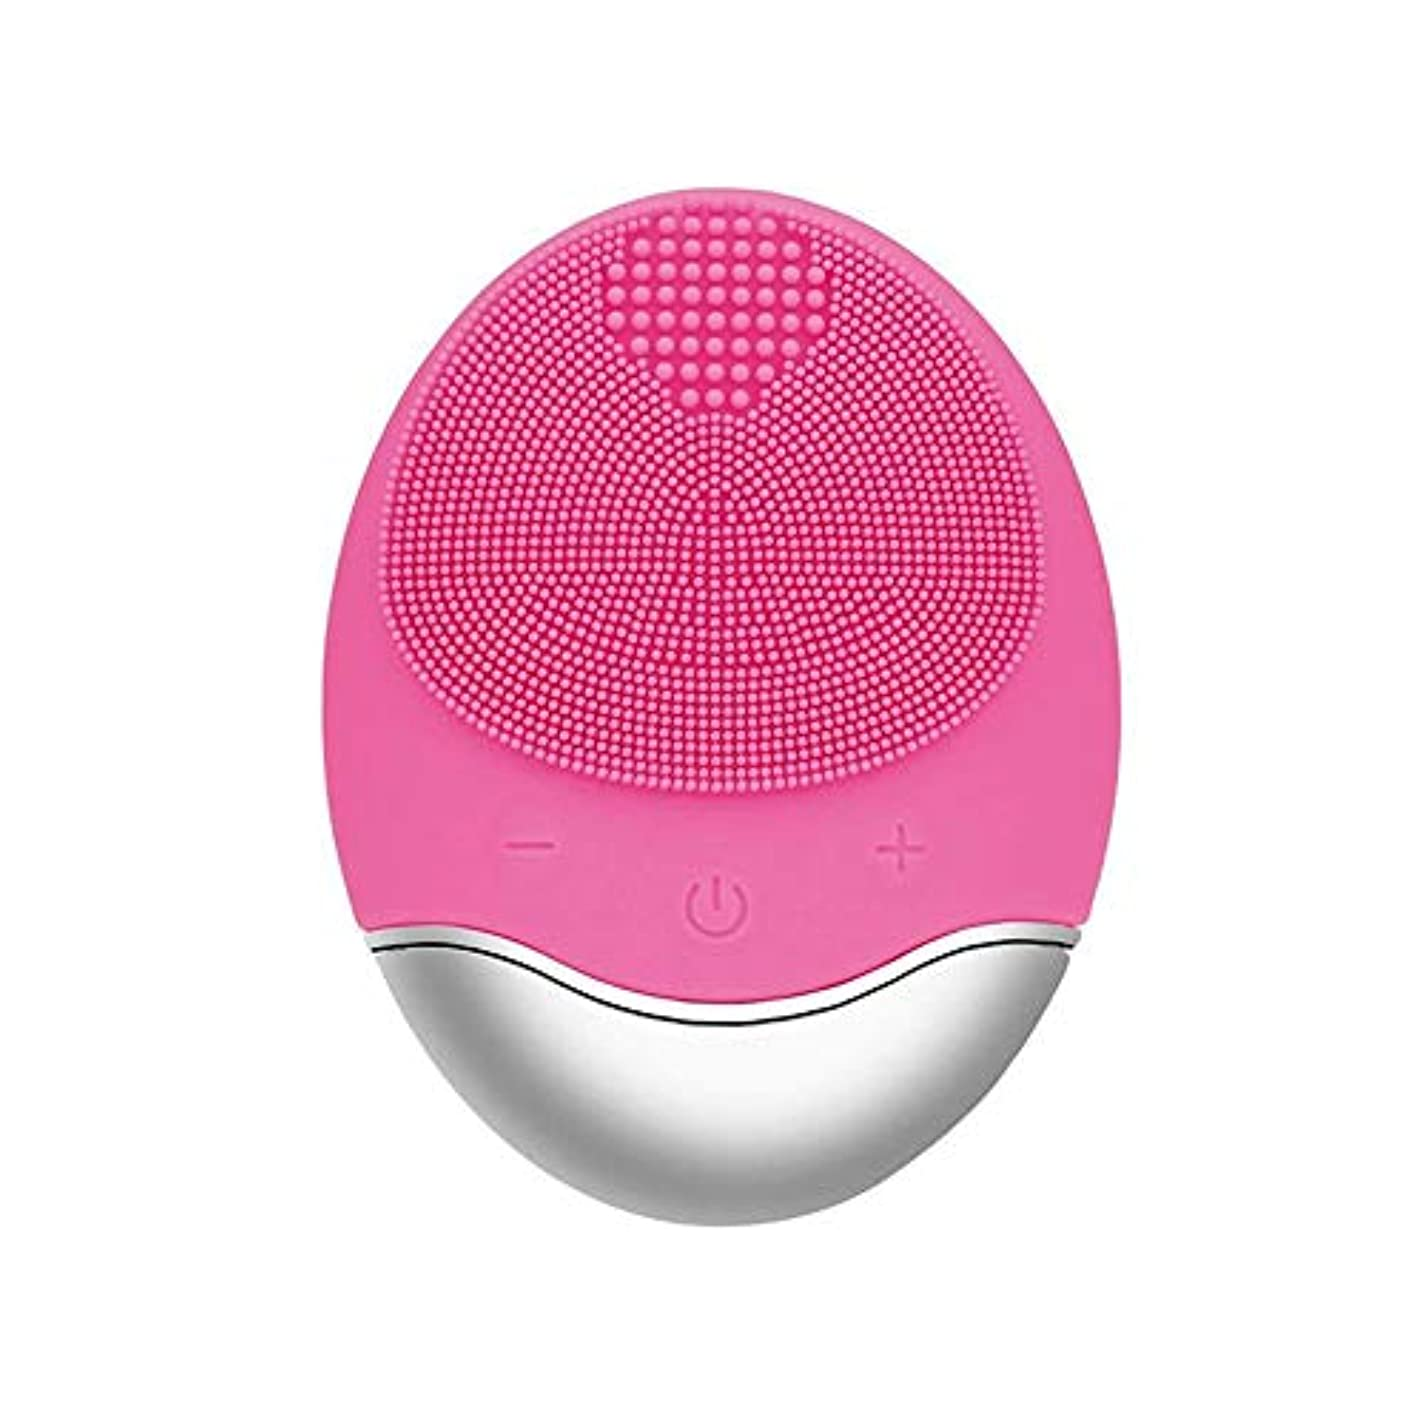 致命的な秋無線ZXF 新しい竹炭クレンジング楽器クレンジングポア充電式電気シリコーンにきびクレンジング楽器ピンク 滑らかである